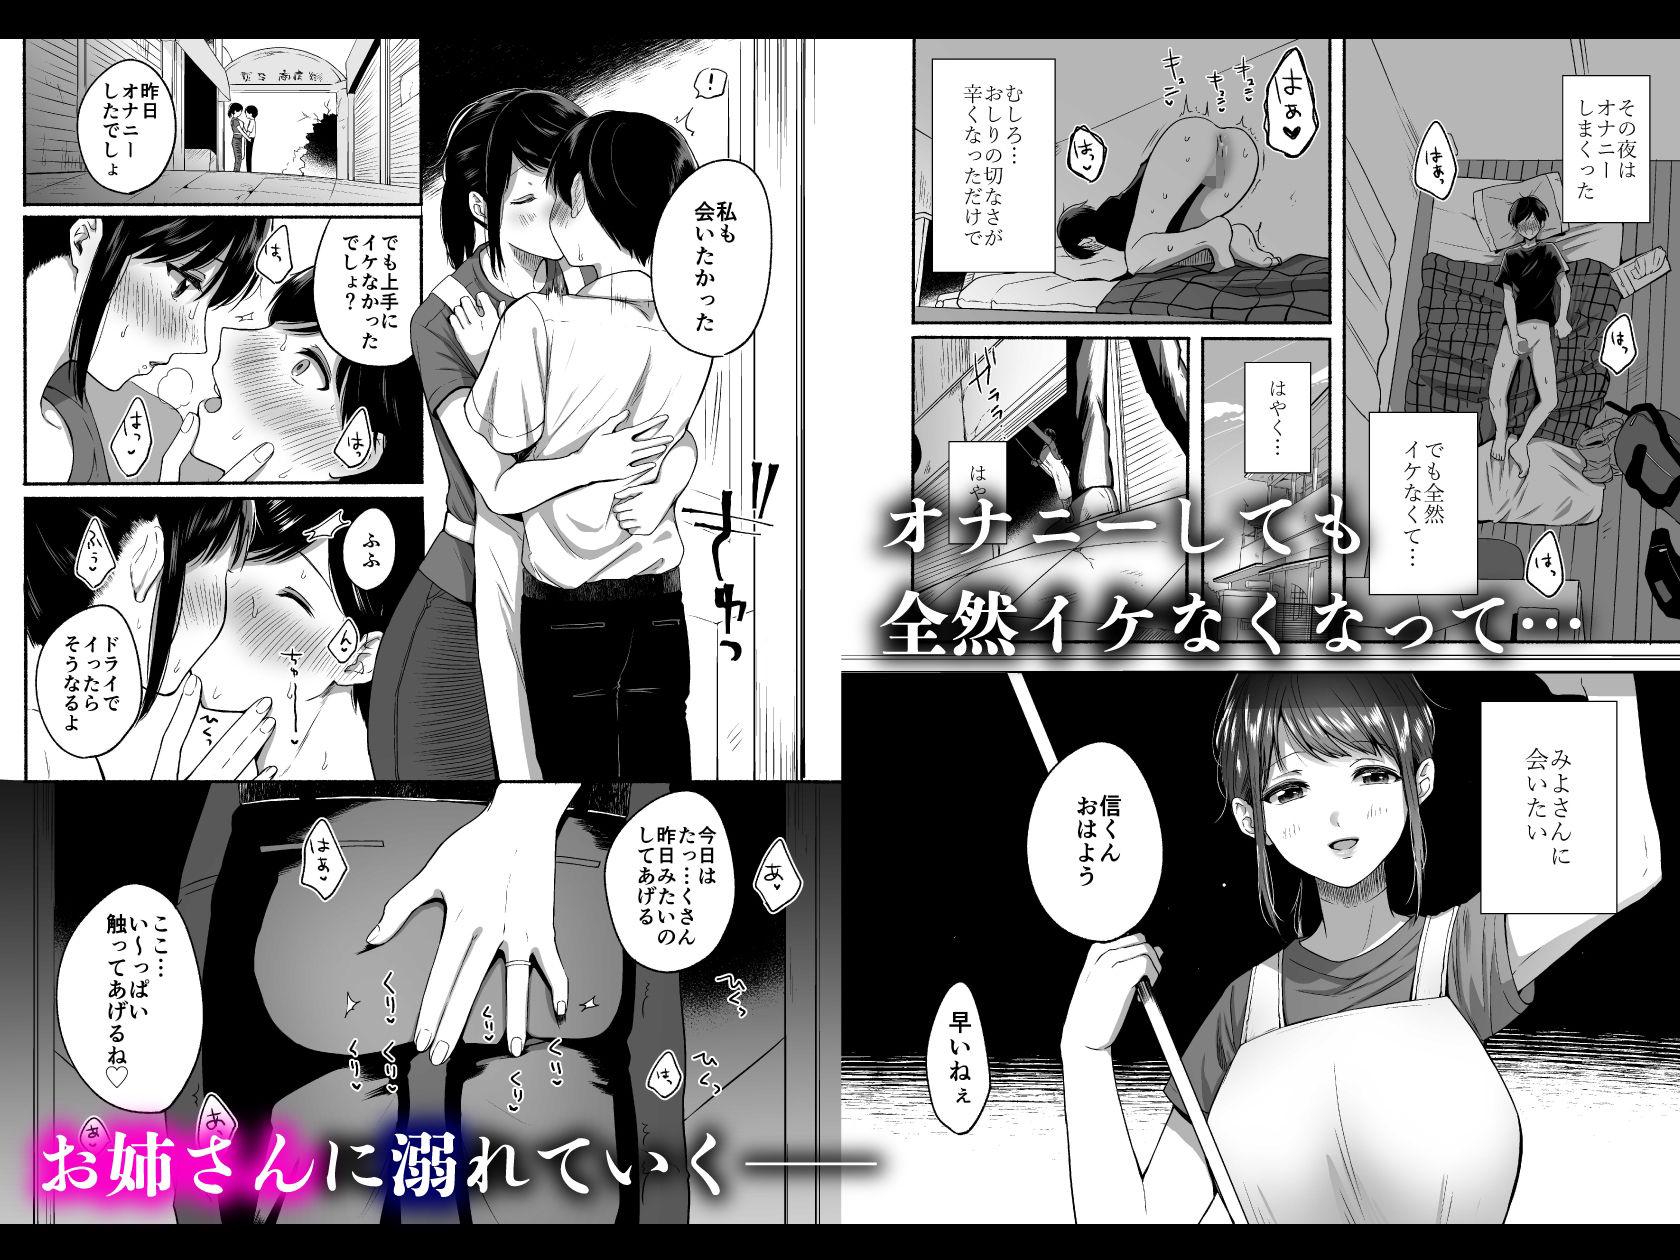 【エロ漫画】僕と夏の秘密 巨乳妻に前立腺を開発されたM男が‥「サークル:三崎」【同人誌・コミック】#4